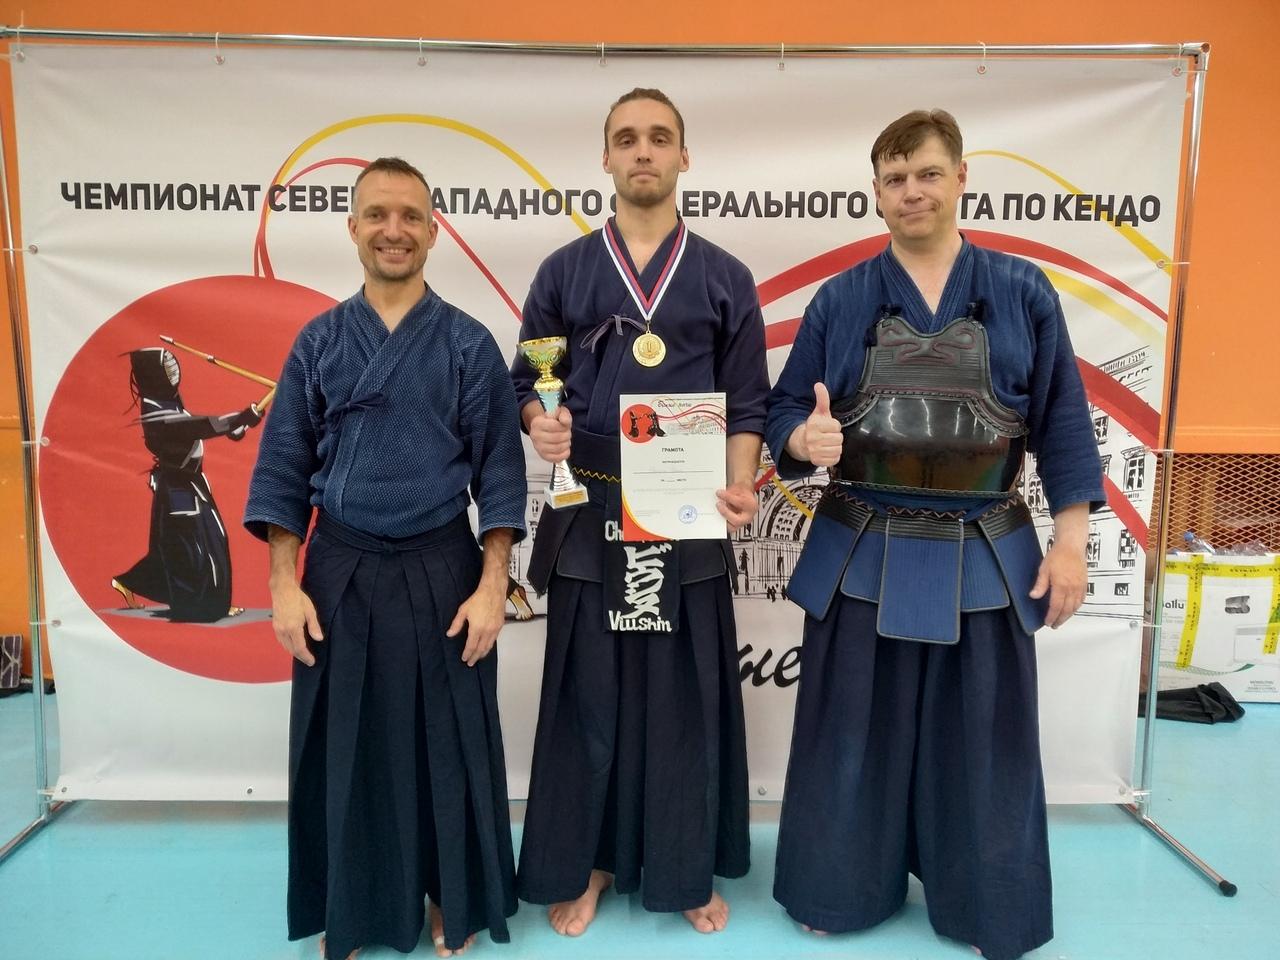 Череповчанин Роман Вьюшин выиграл межрегиональные соревноваия по кендо